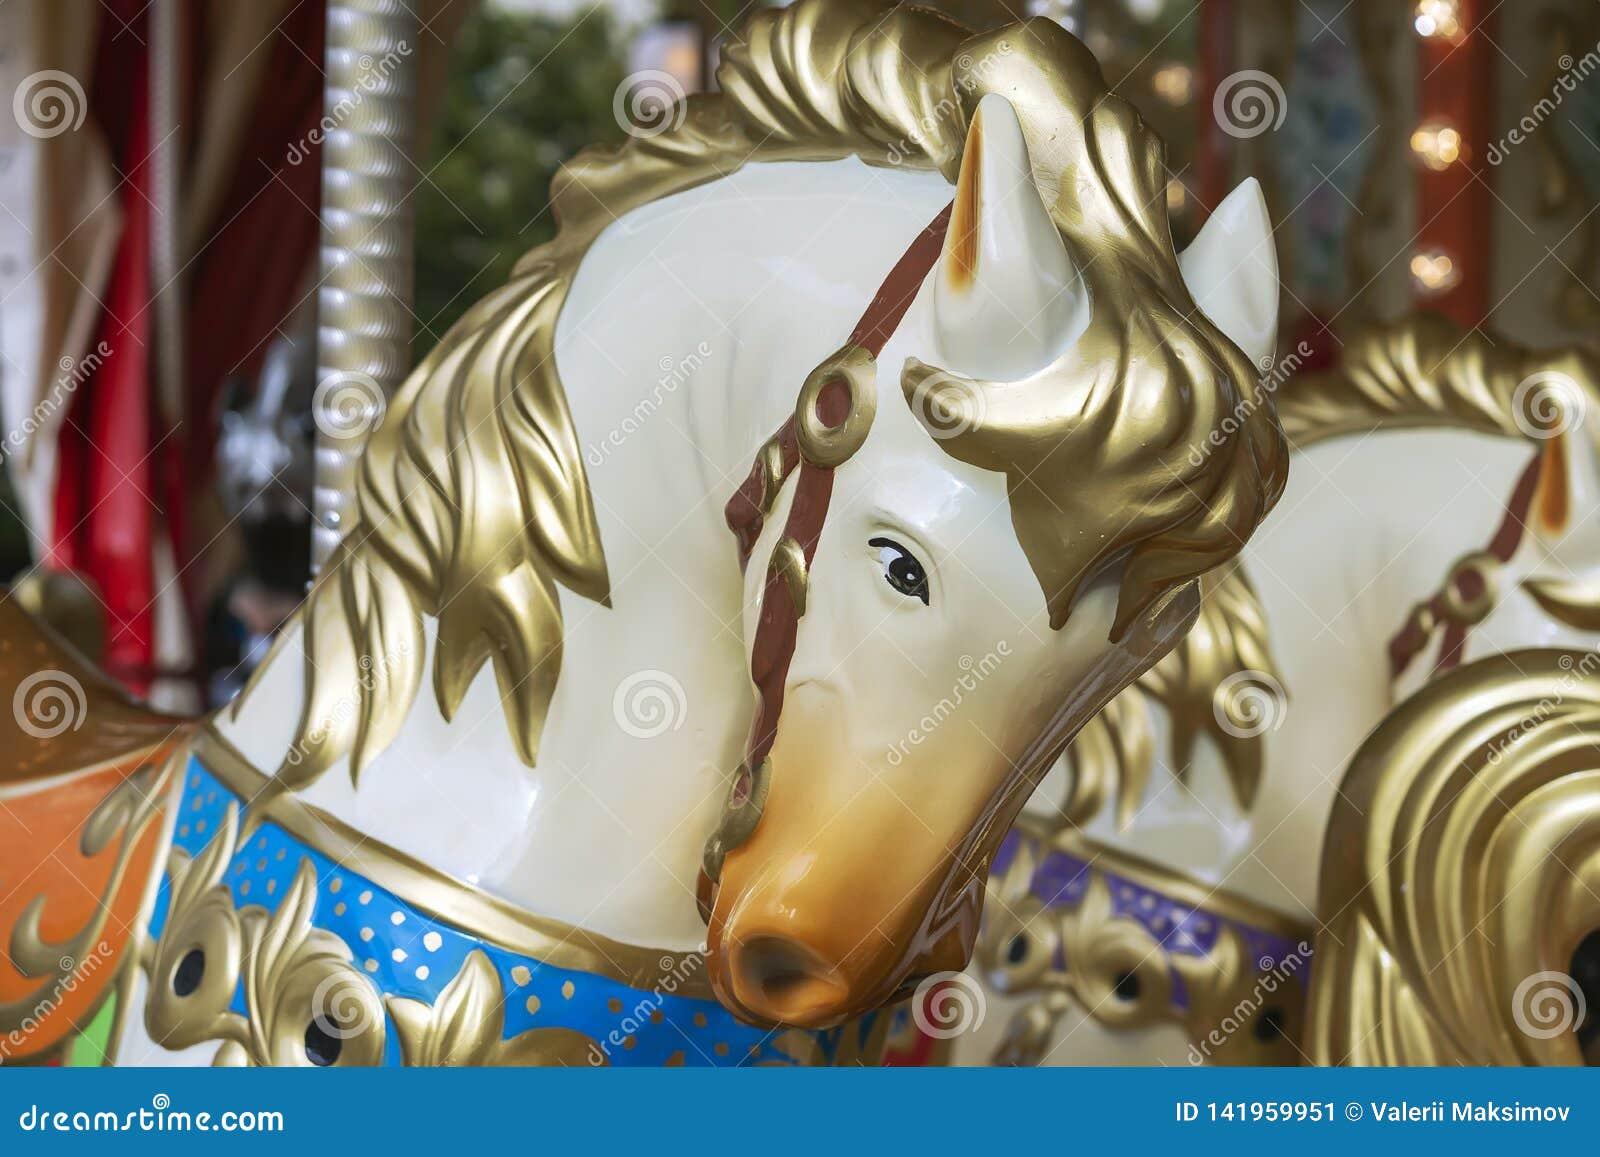 Красочная голова лошади на винтажном циркуляре весел-идти-круглом